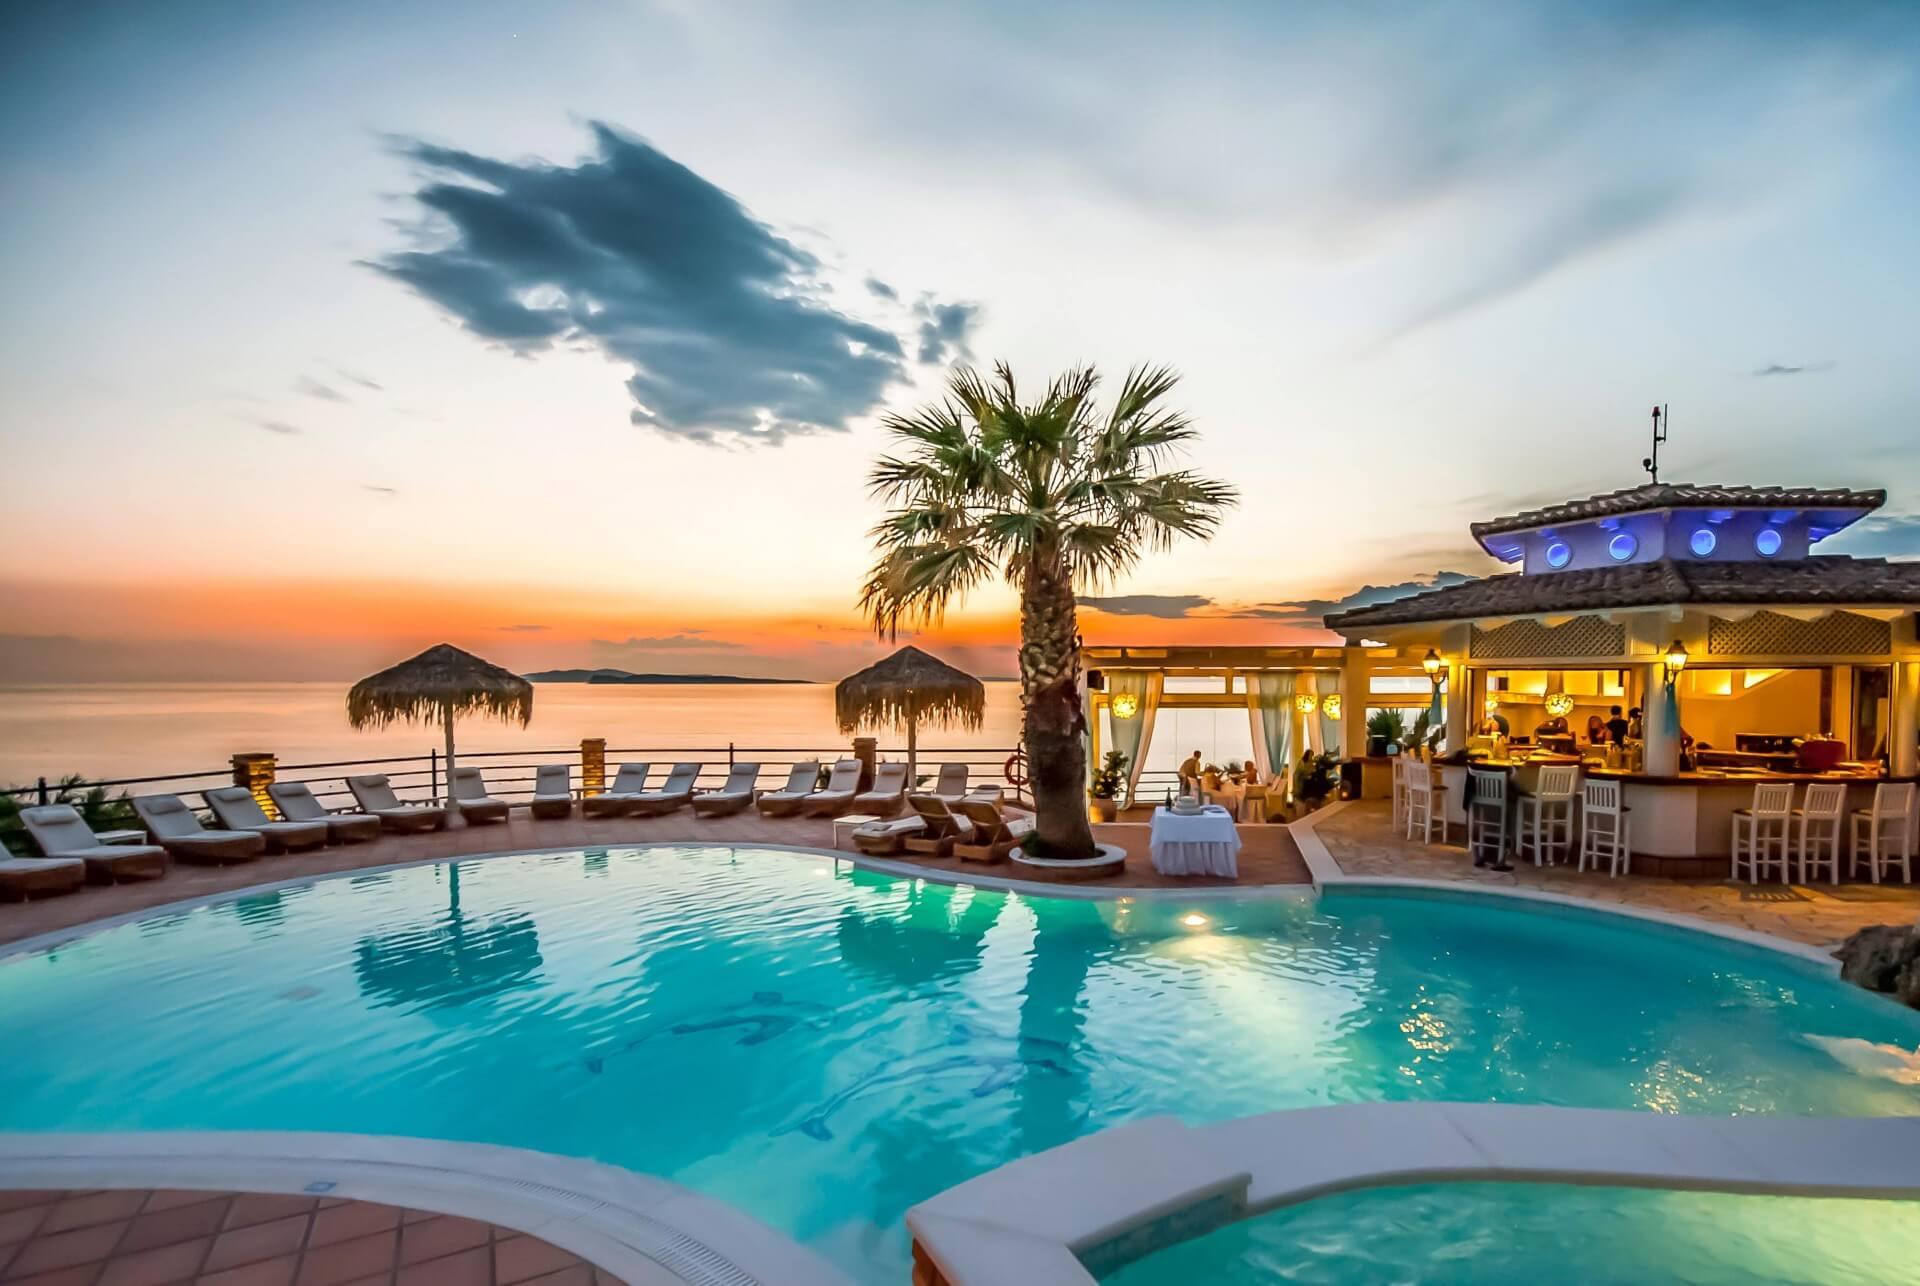 Ο Κώστας Συλιγάρδος αποκαλύπτει ότι αρκετοί Tour Operators που εδρεύουν στην Κρήτη έστειλαν επιστολές SOS στα υπουργεία Τουρισμού και Οικονομικών, αλλά και την Τράπεζα της Ελλάδας για να μην καταρρεύσει ο τουρισμός στην Κρήτη. new deal